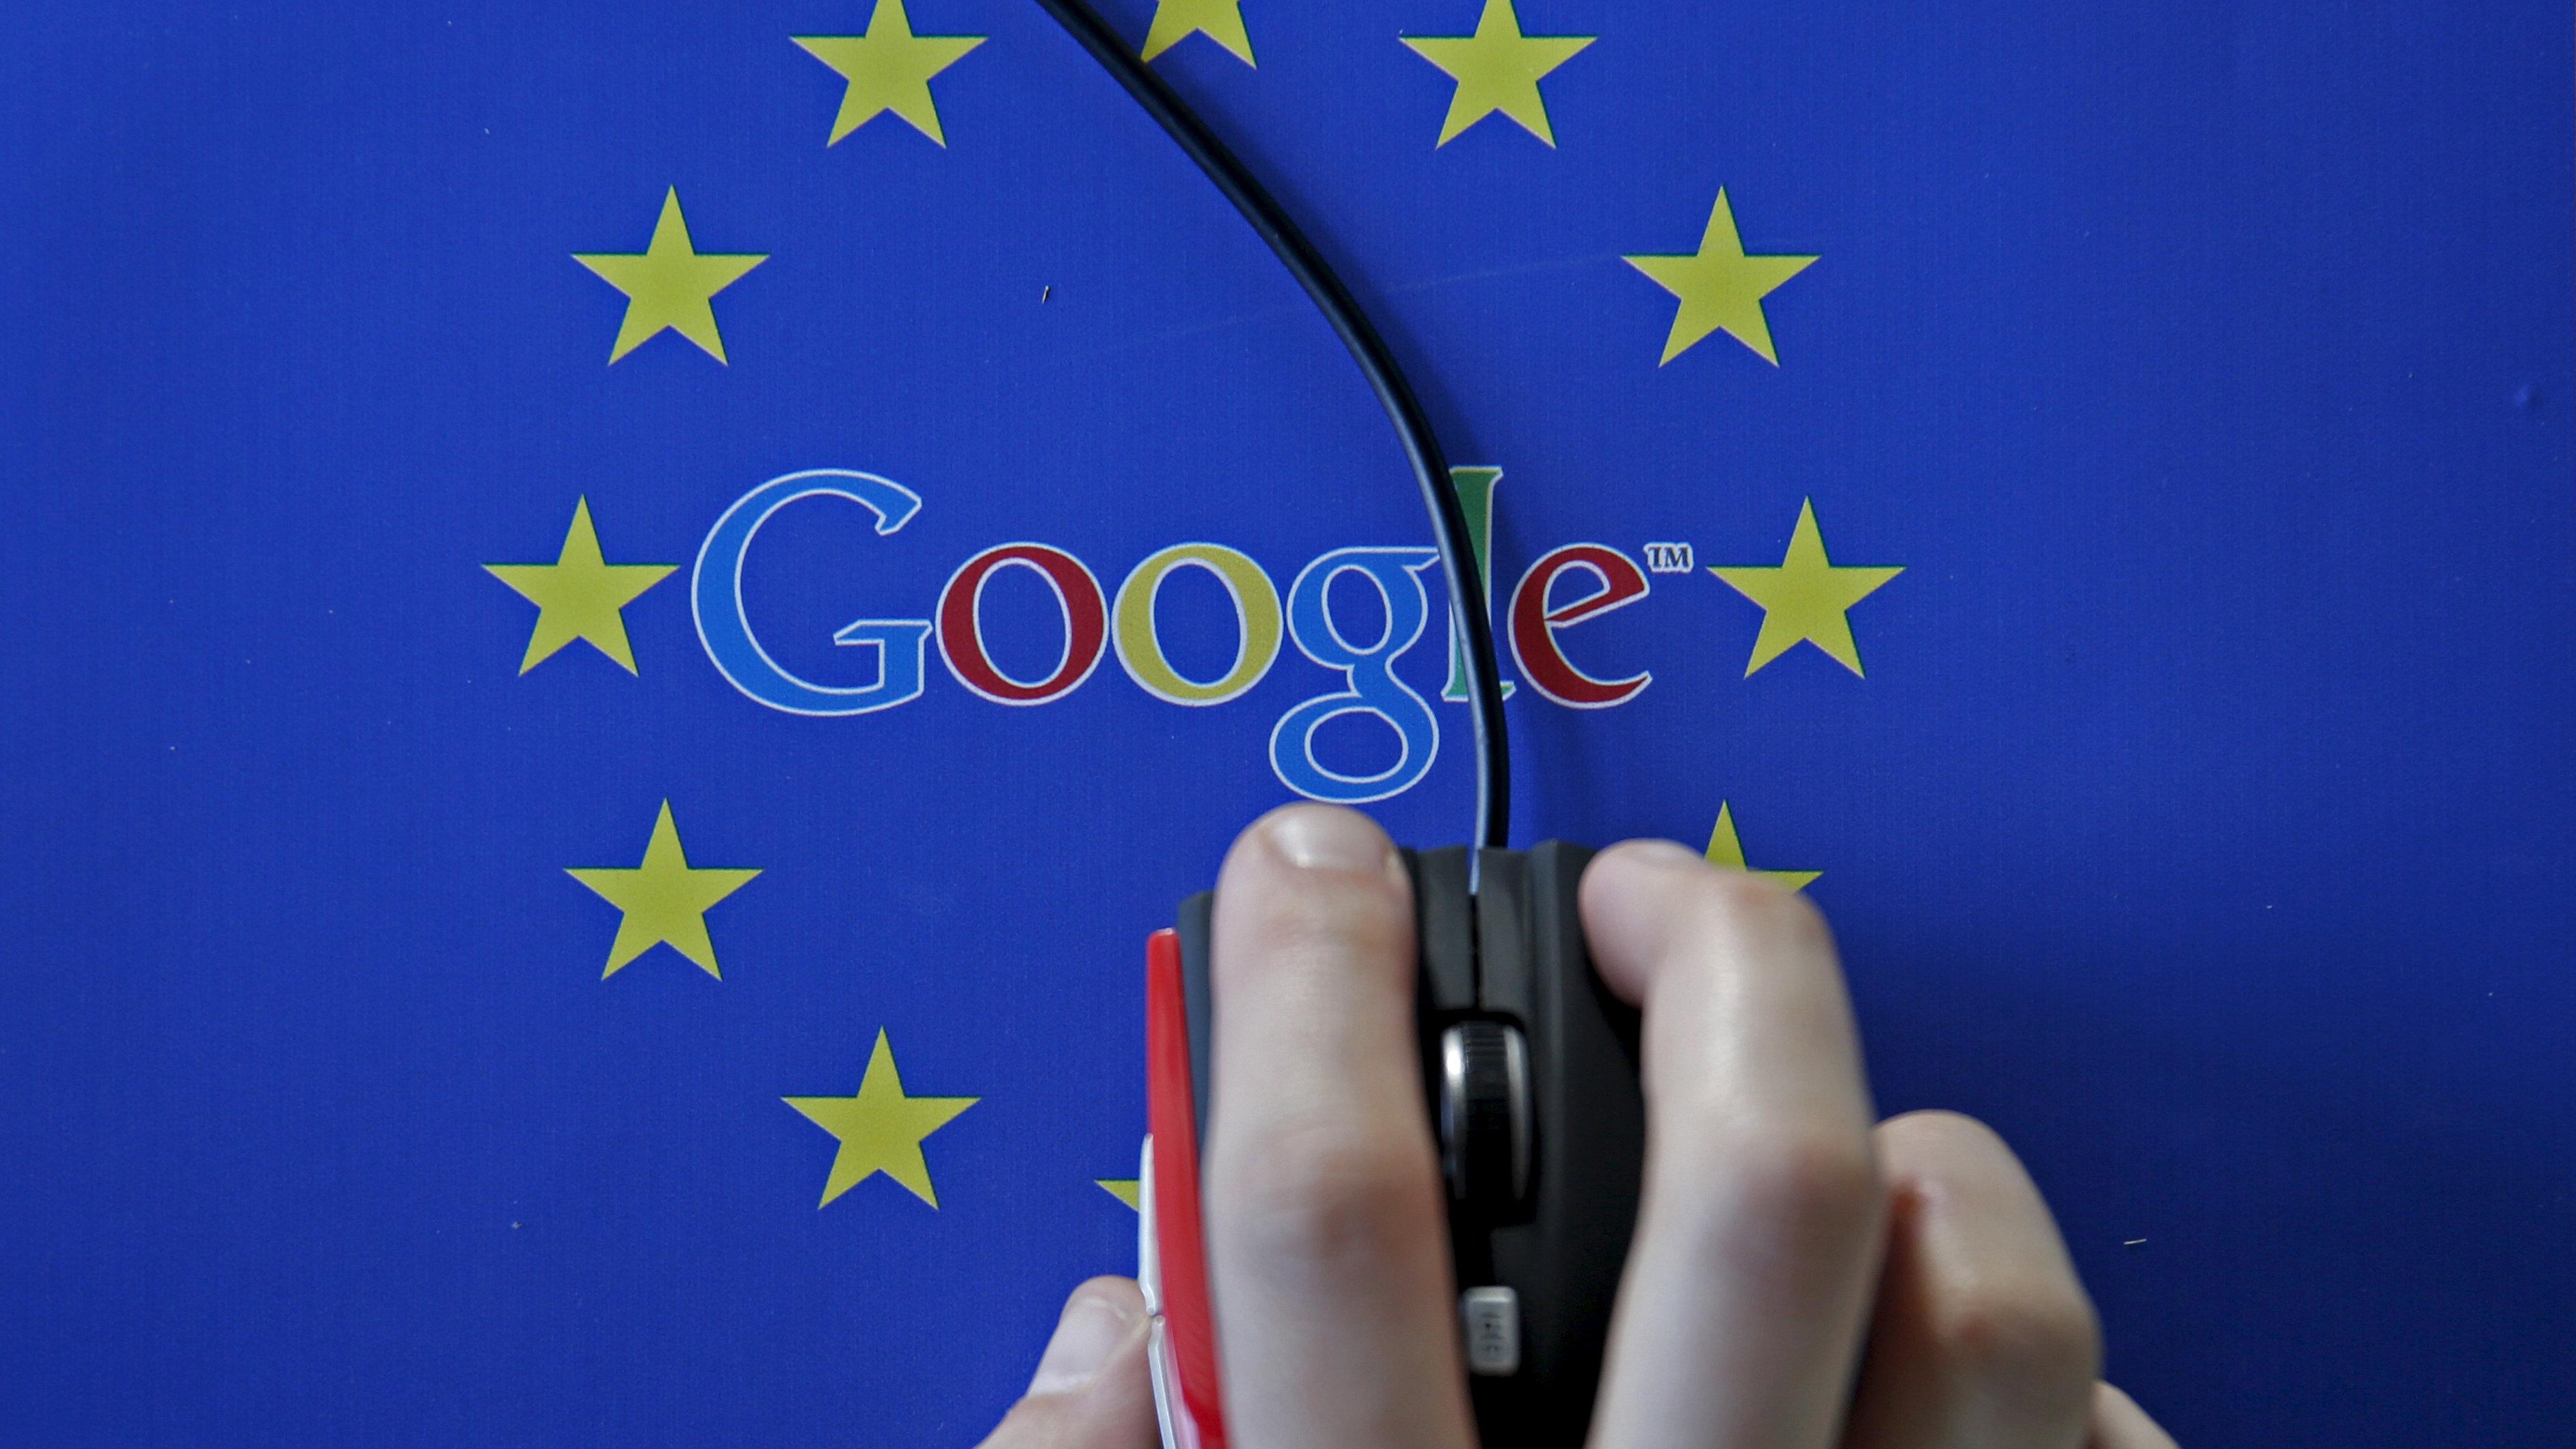 google in eu